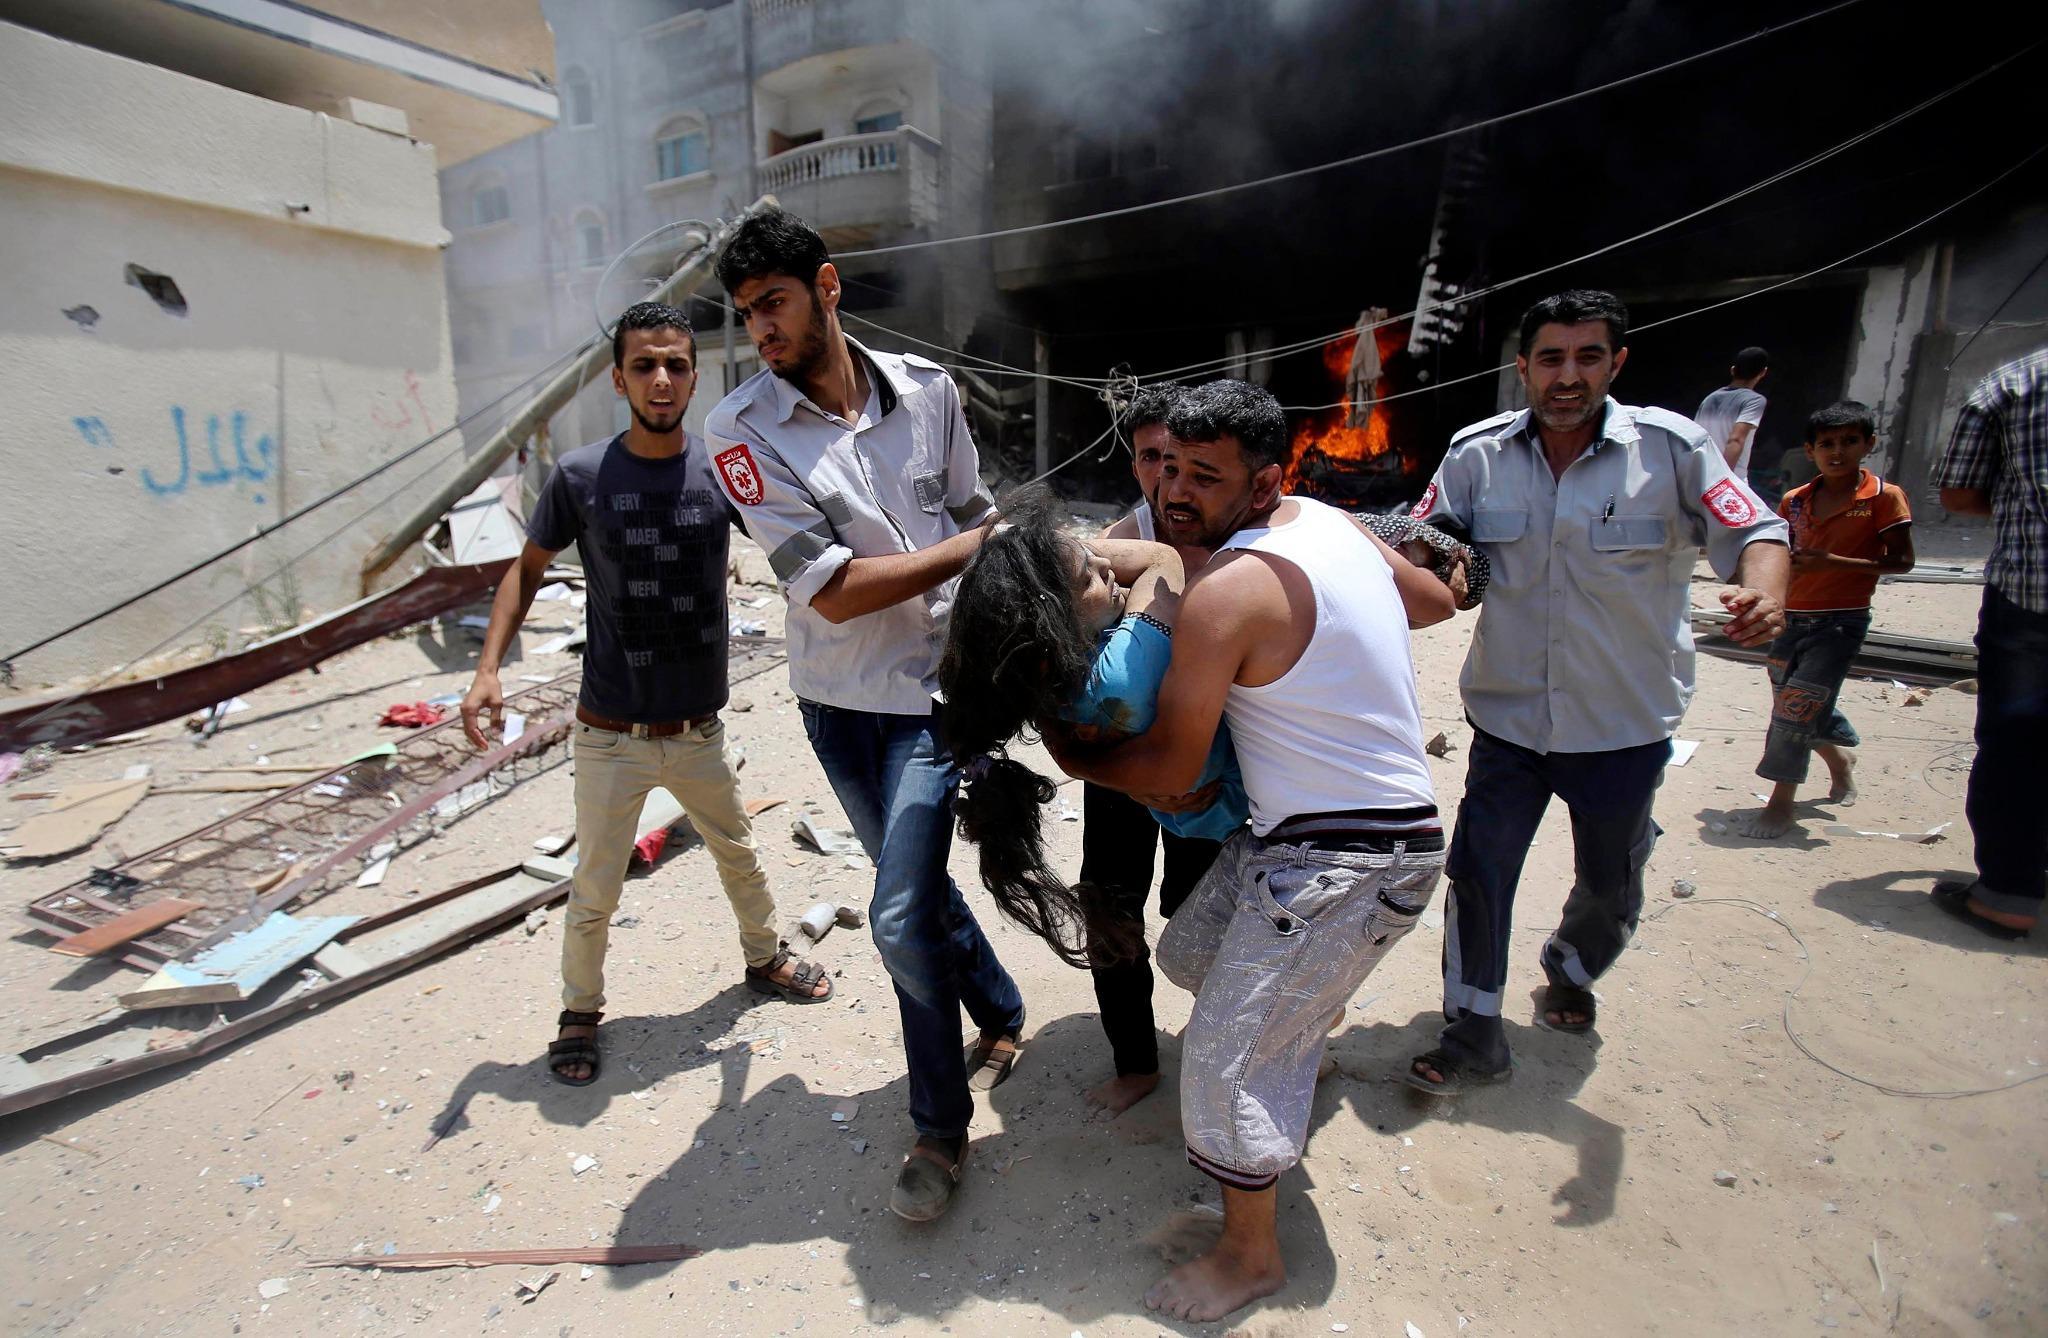 فلسطينيون يسرعون في إنقاذ طفلة جريحة أصيبت جراء قصف إسرائيلي جوي على منزلها في #رفح جنوب #غزة #غزة_تحت_النار  رويترز http://t.co/b3rmyehAiy